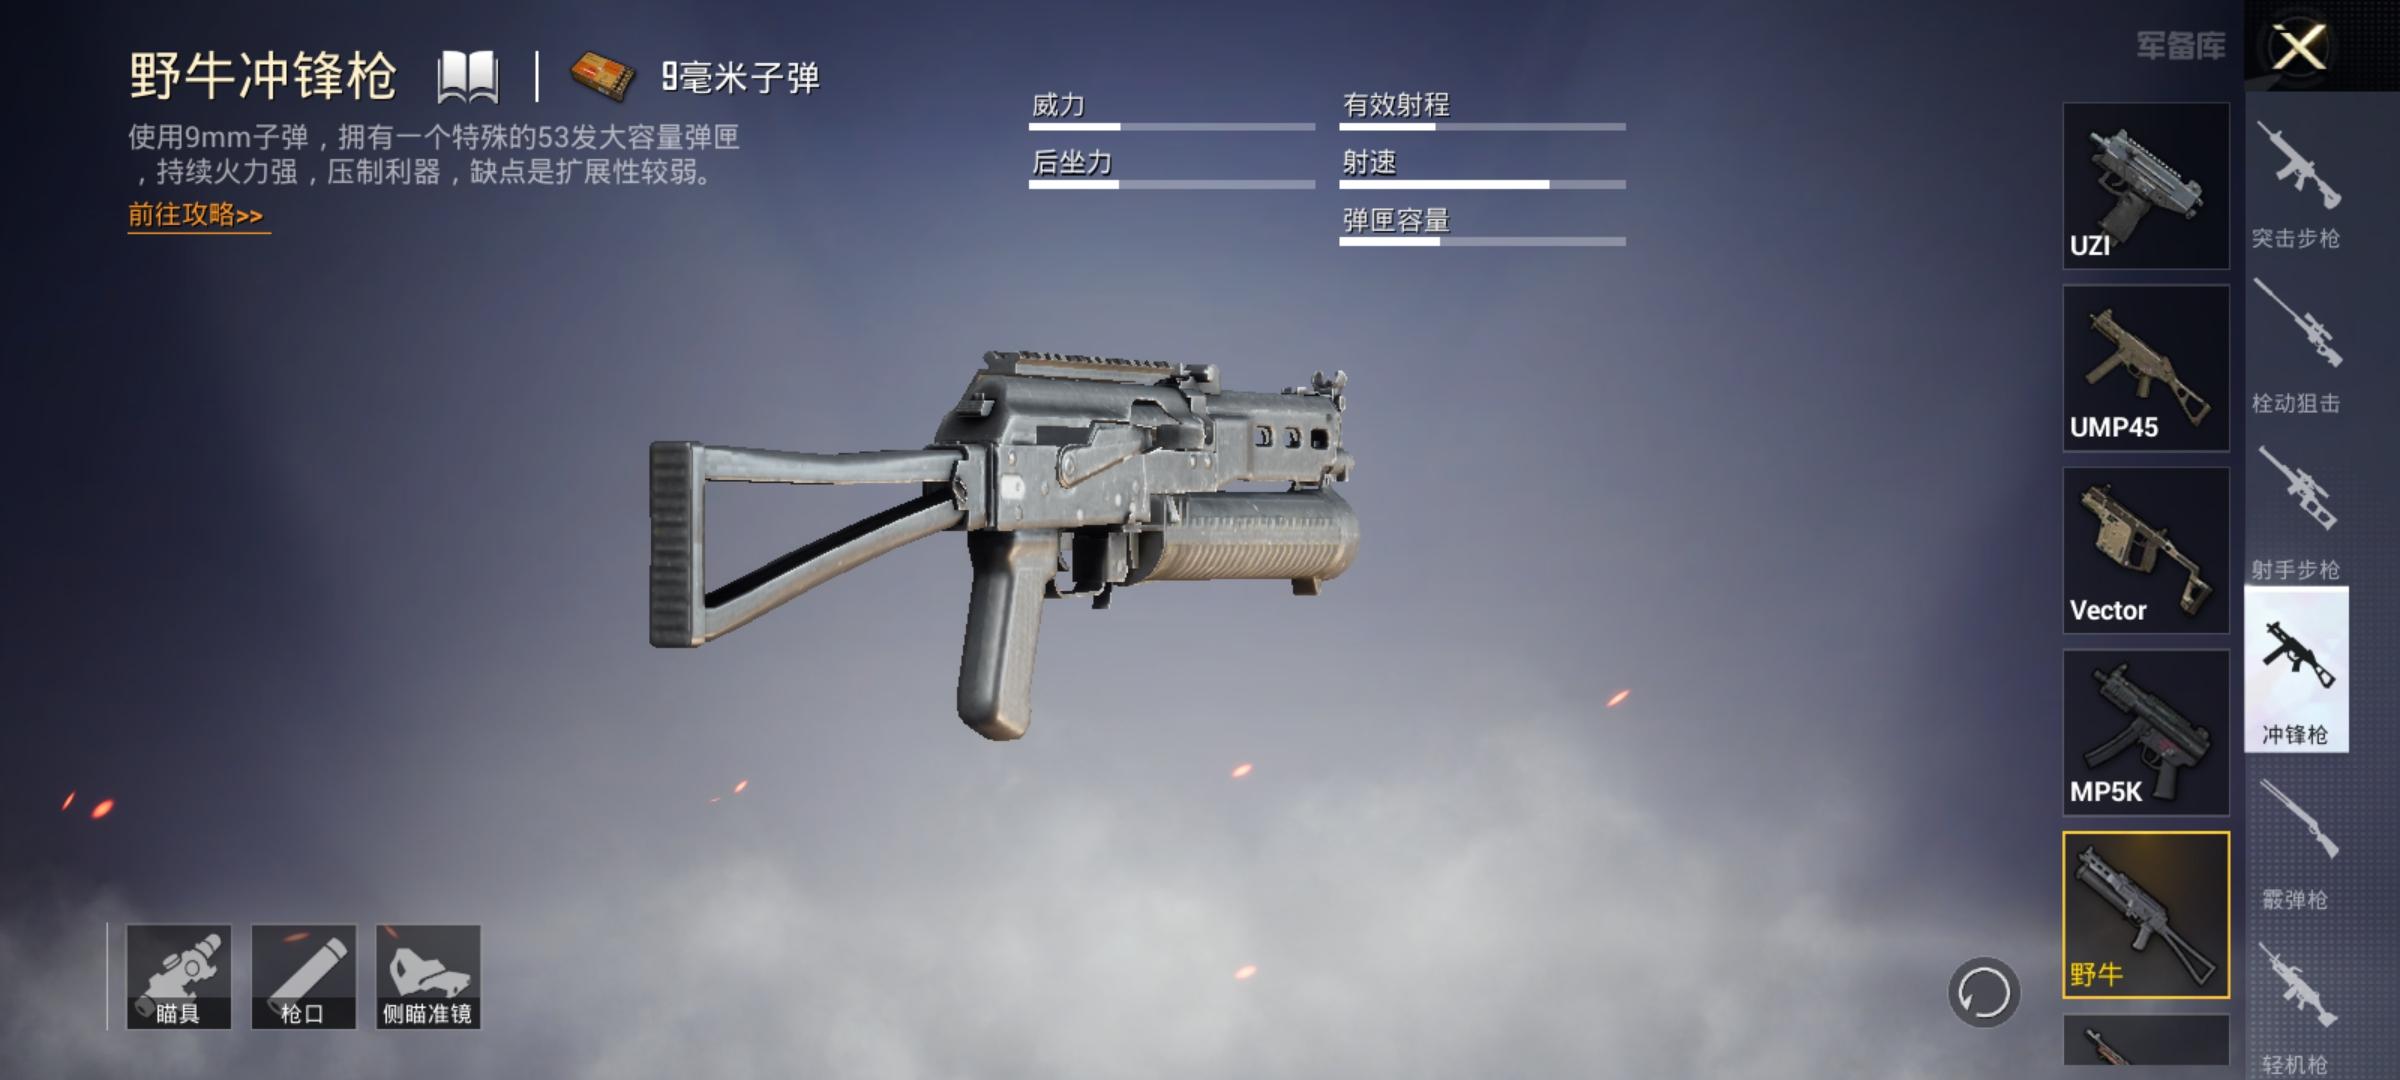 和平精英:冲锋枪实力分析,老玩家教你,他们才是冲锋之王